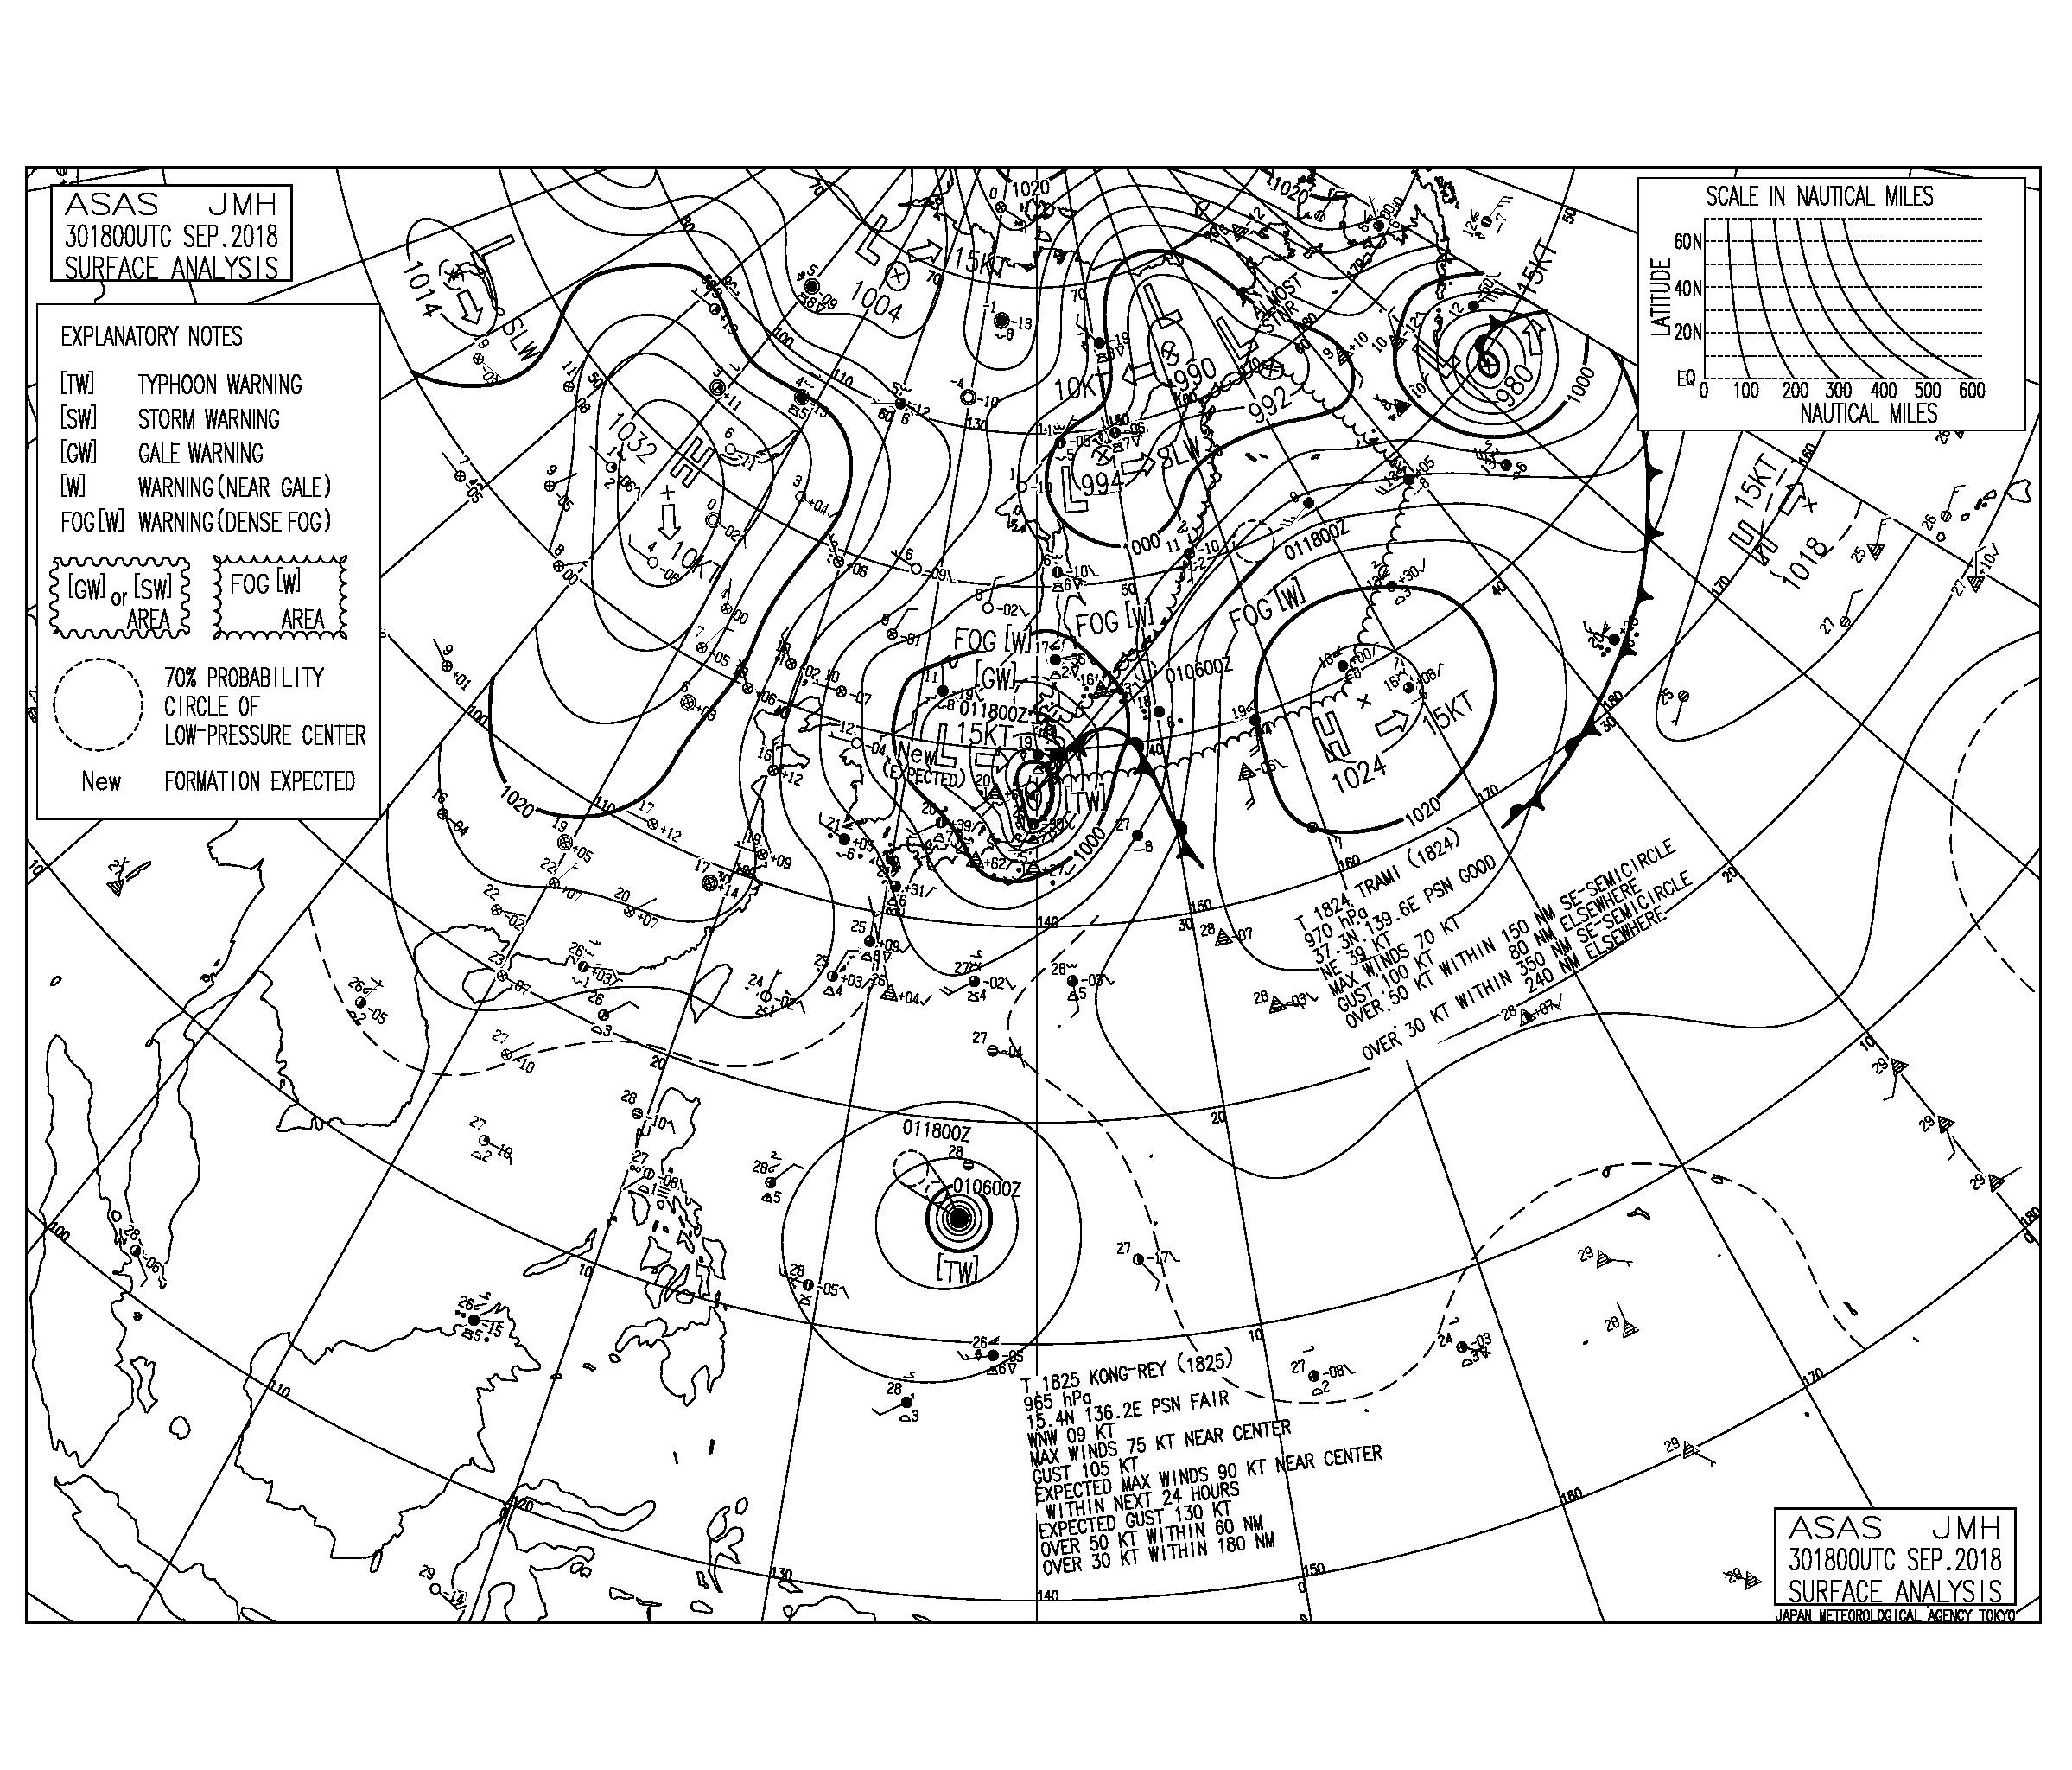 10/1 気圧配置と波情報~台風24号の影響で大荒れなクローズアウト、今週は次の台風25号の動きに要注目